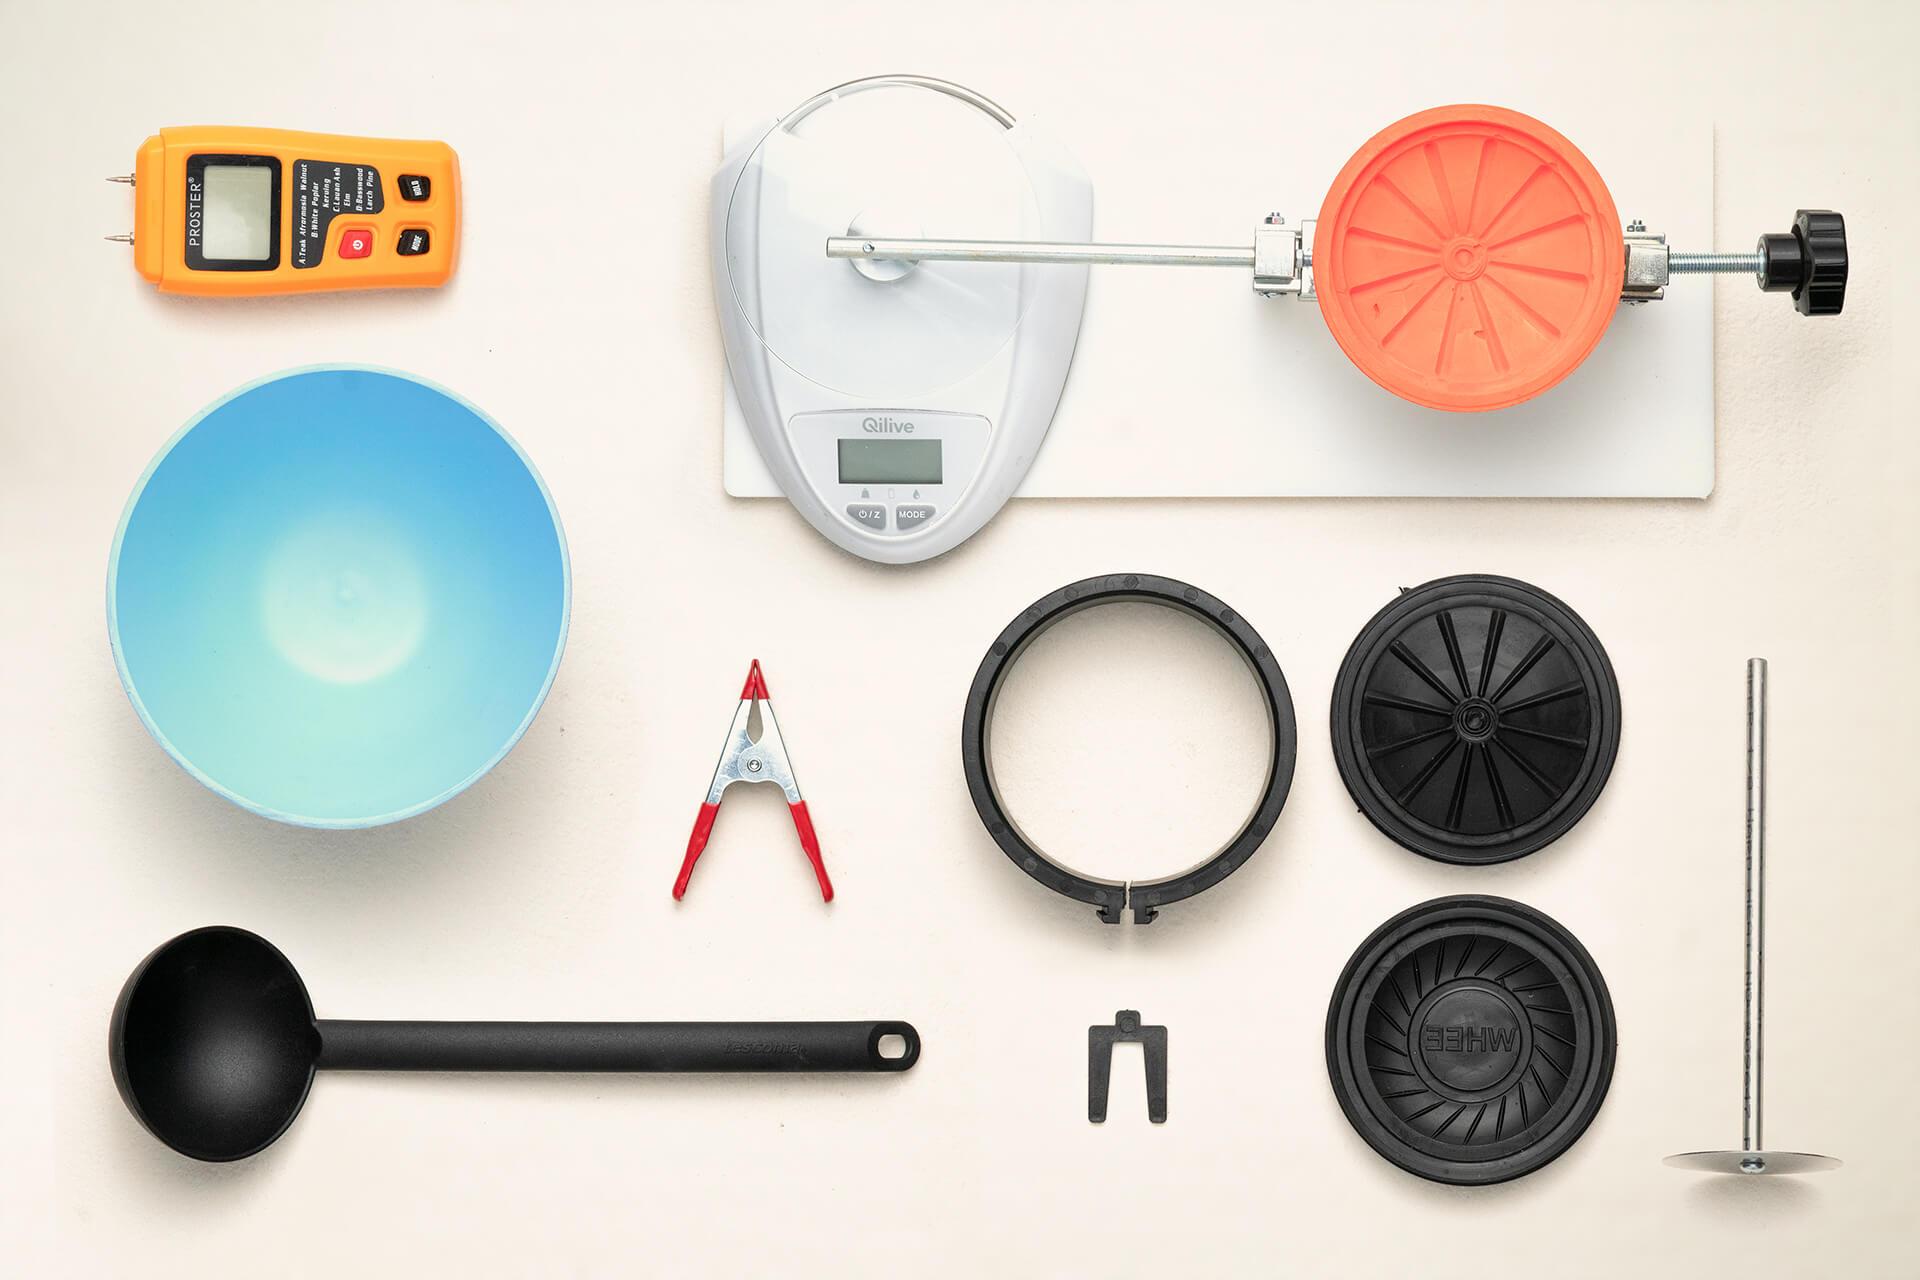 Kit WHEE by Master Srl Torino (Italy)   www.wheetarget.com  Landing WHEE WPBakery – ENG kit whee